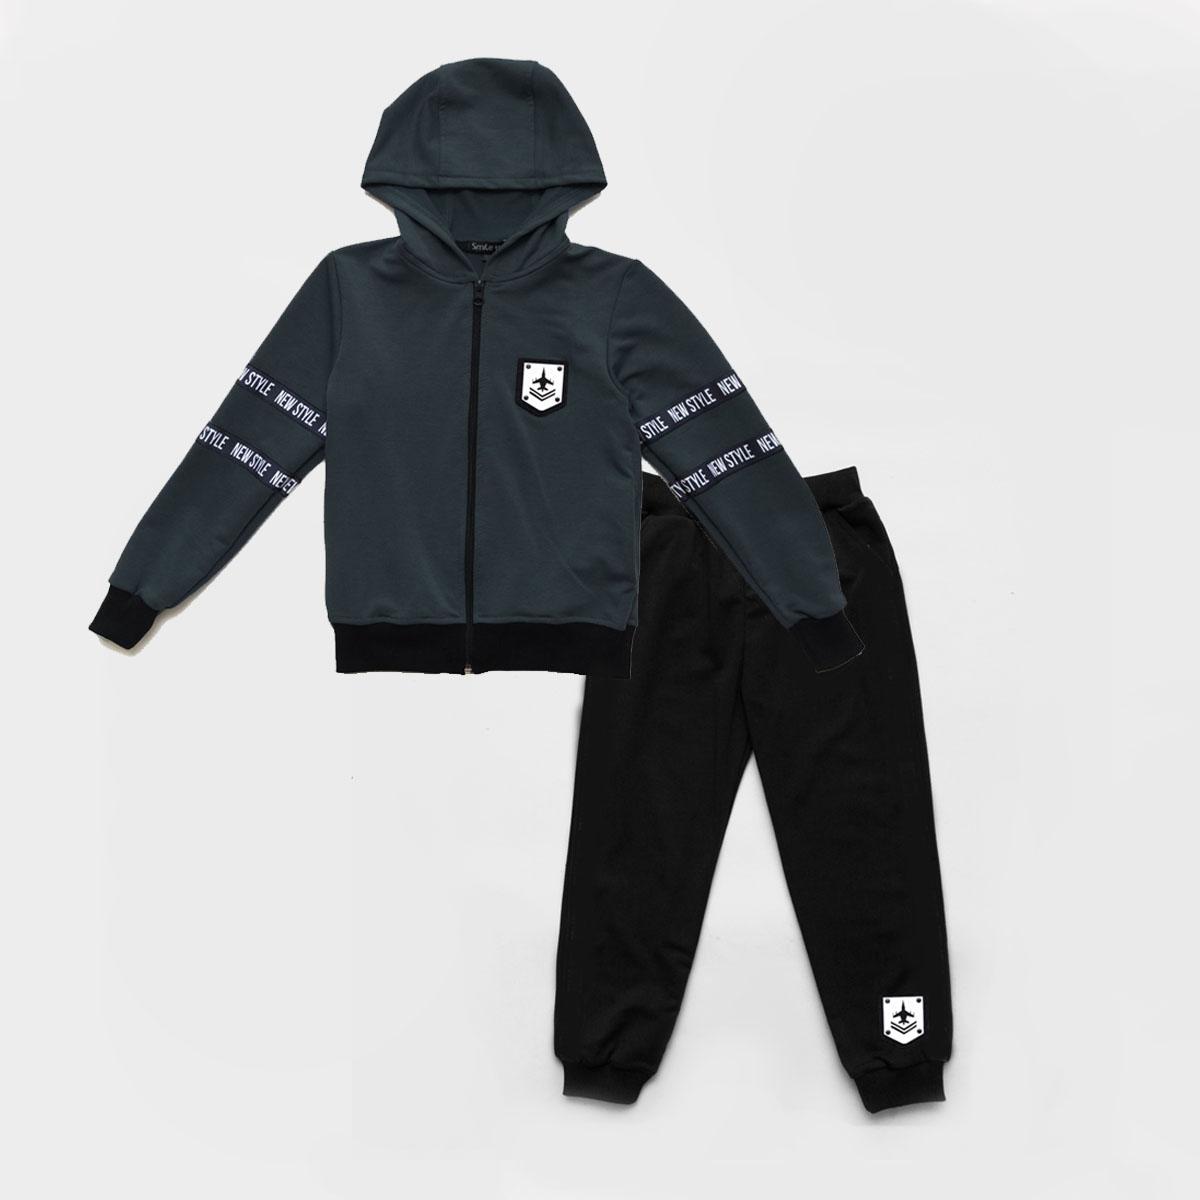 Костюм спортивний SmileTime дитячий New Style, сірий з чорним